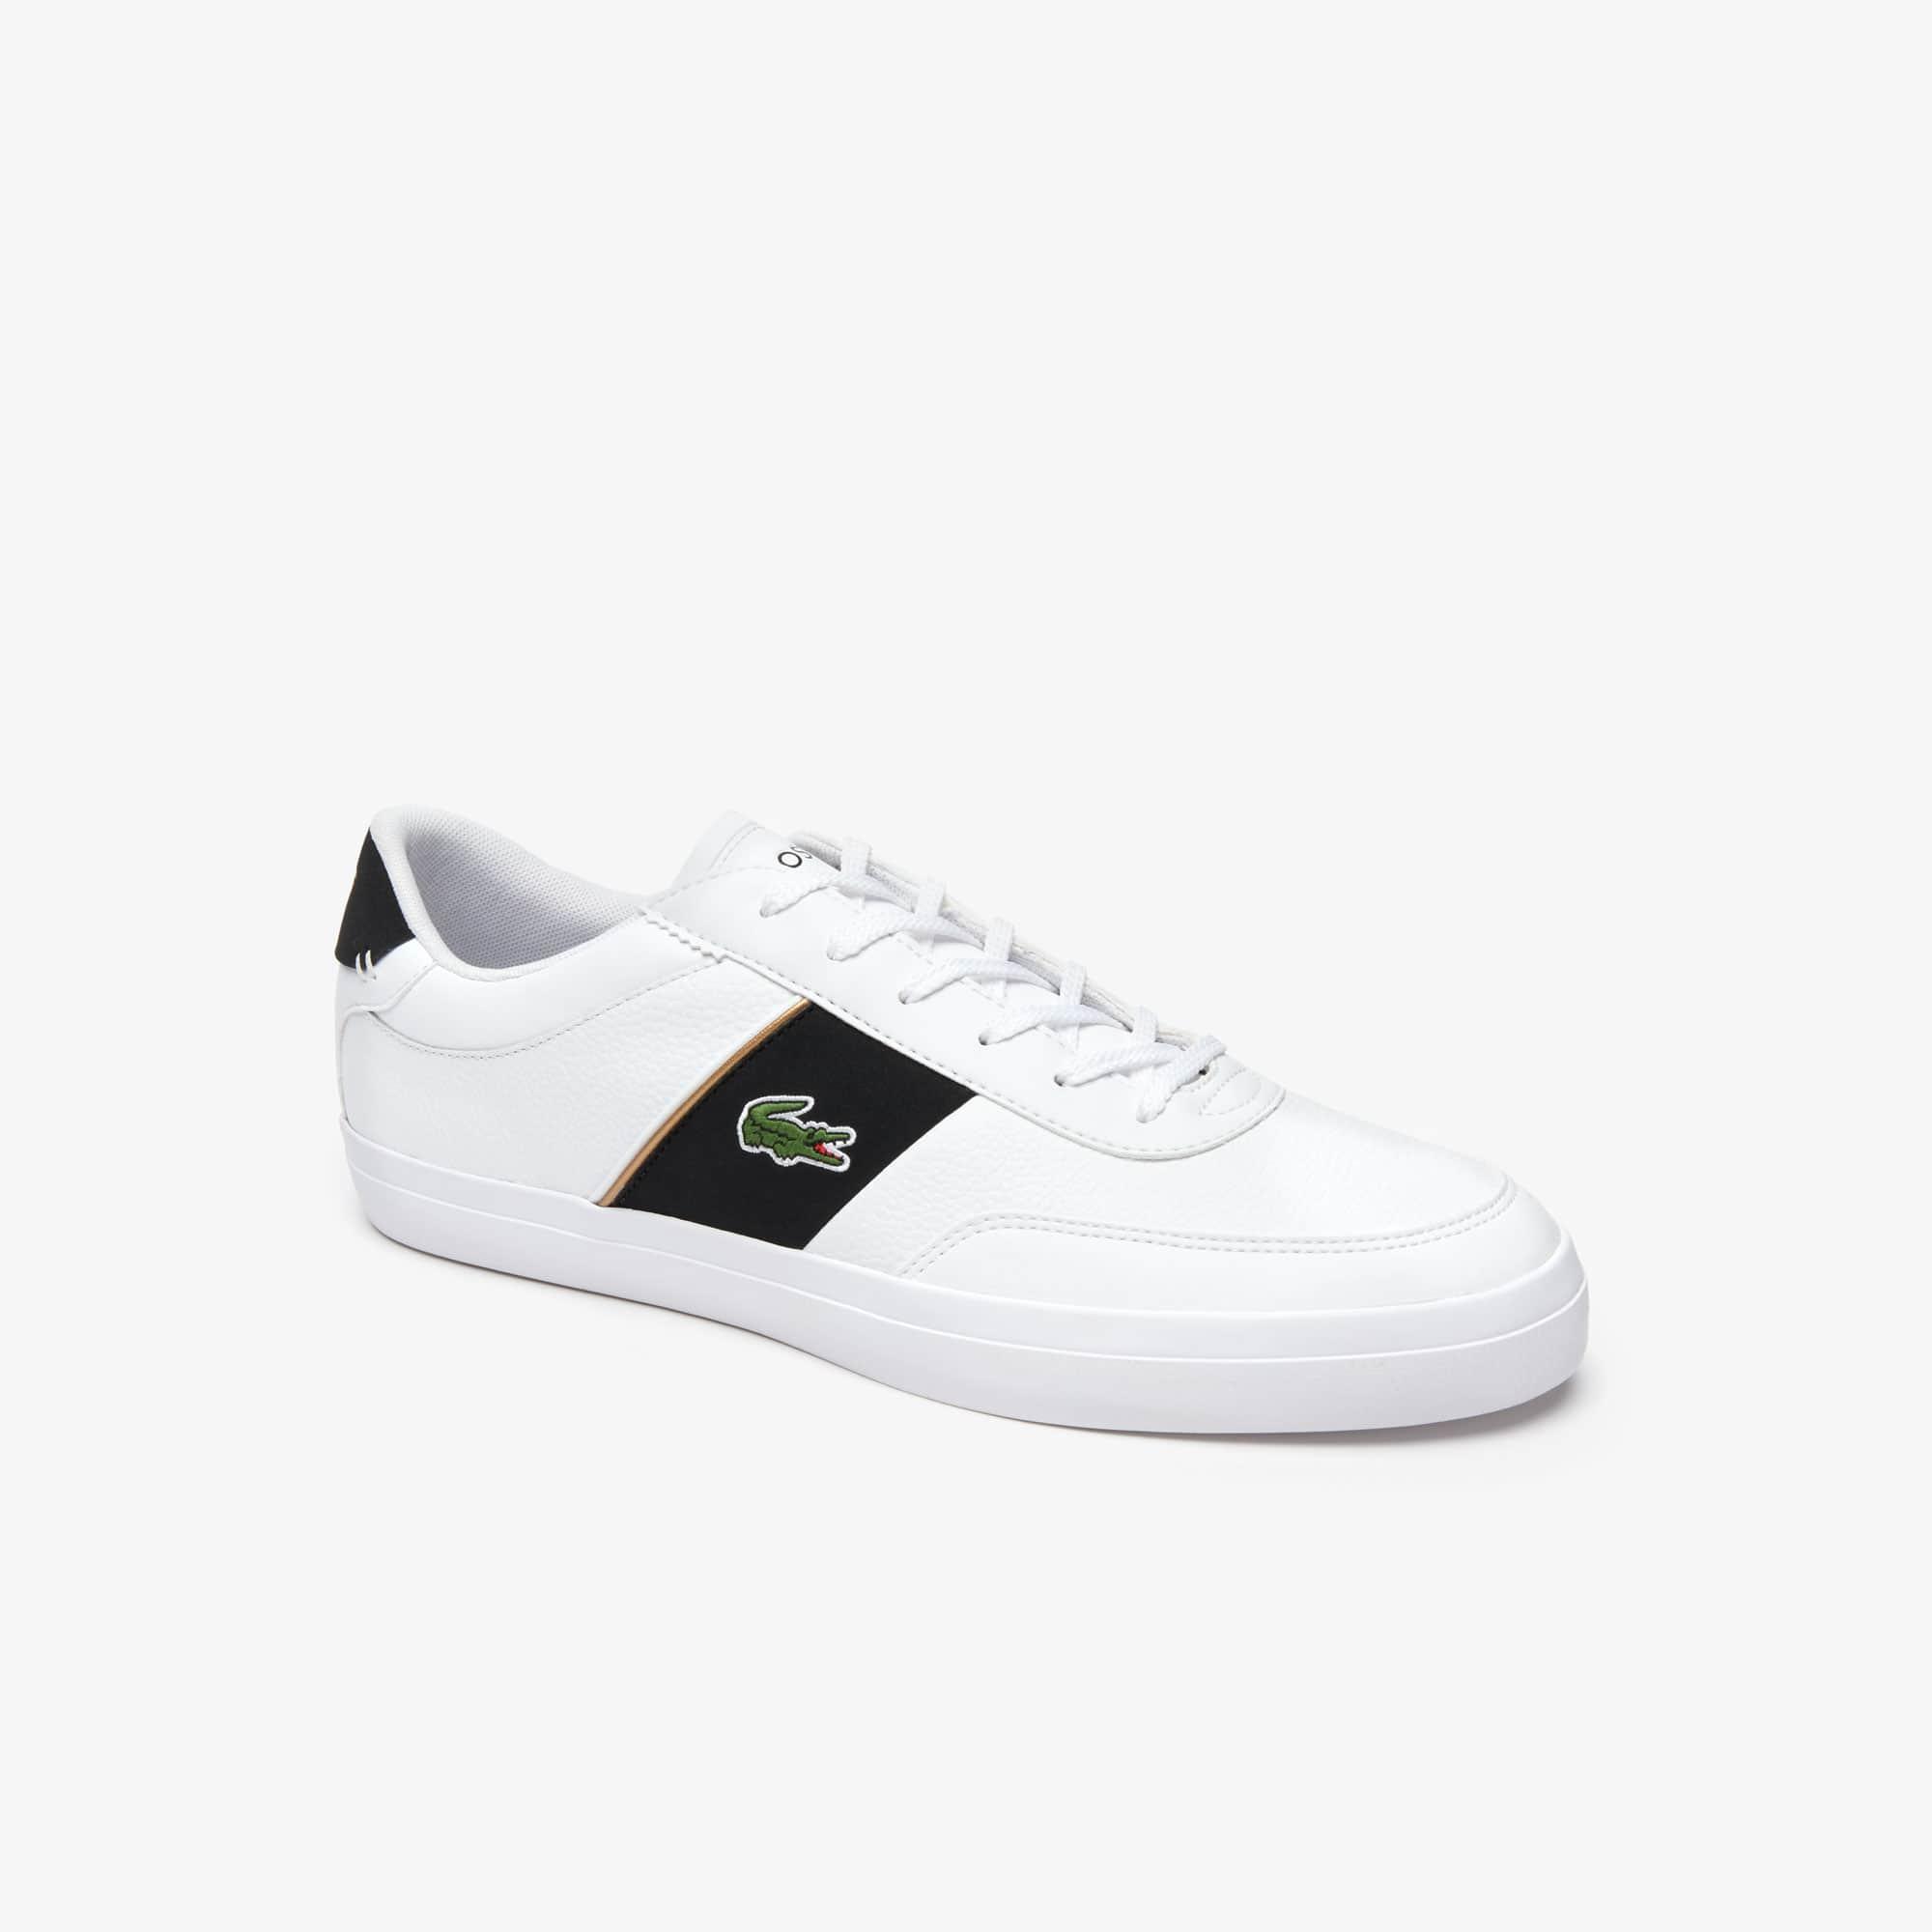 ef1a4a38be Zapatillas para hombre | Calzado para hombre | LACOSTE